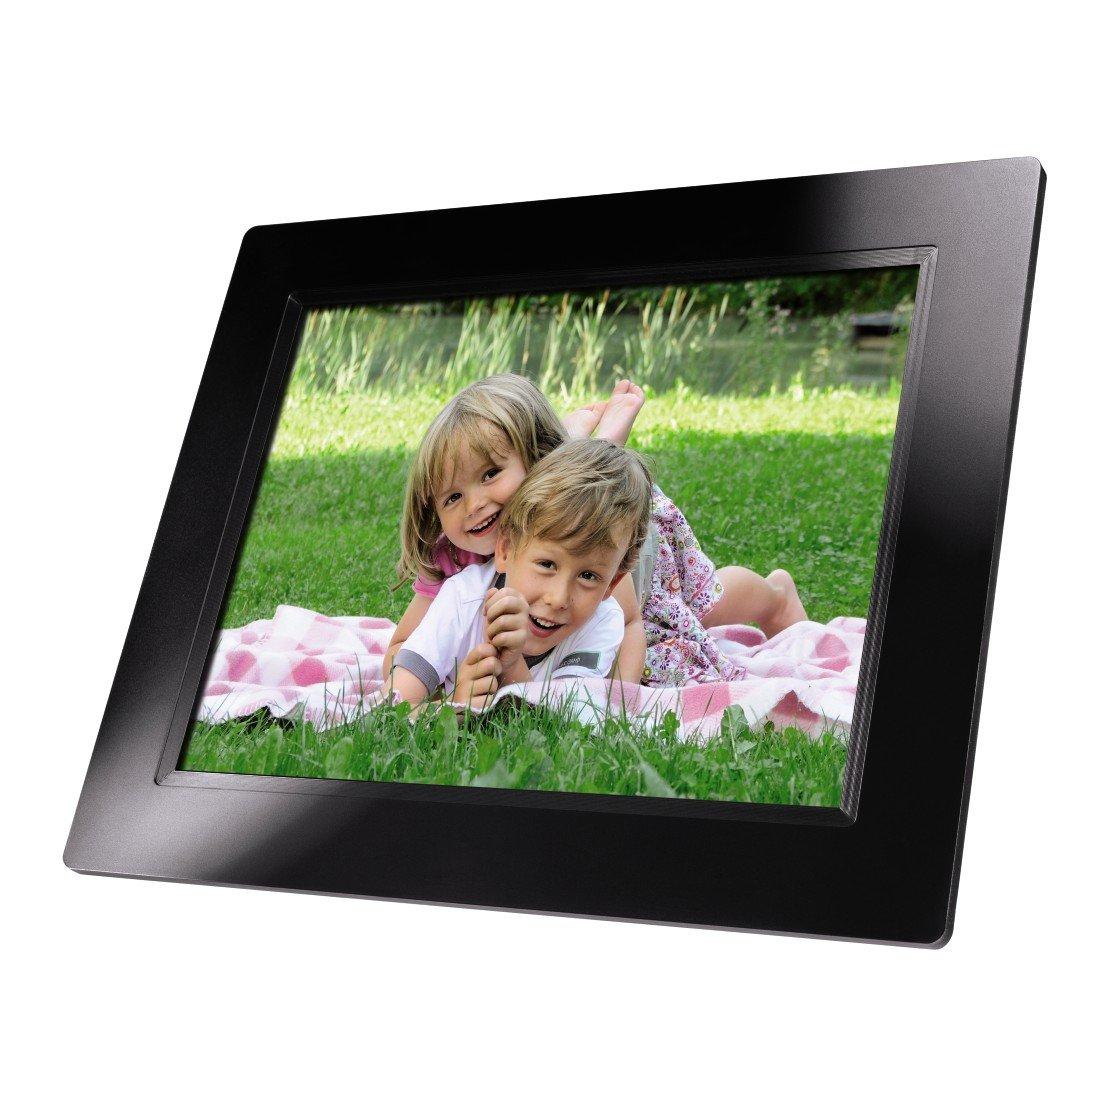 Hama Premium Digitaler Bilderrahmen 9,7 Zoll schwarz: Amazon.de: Kamera